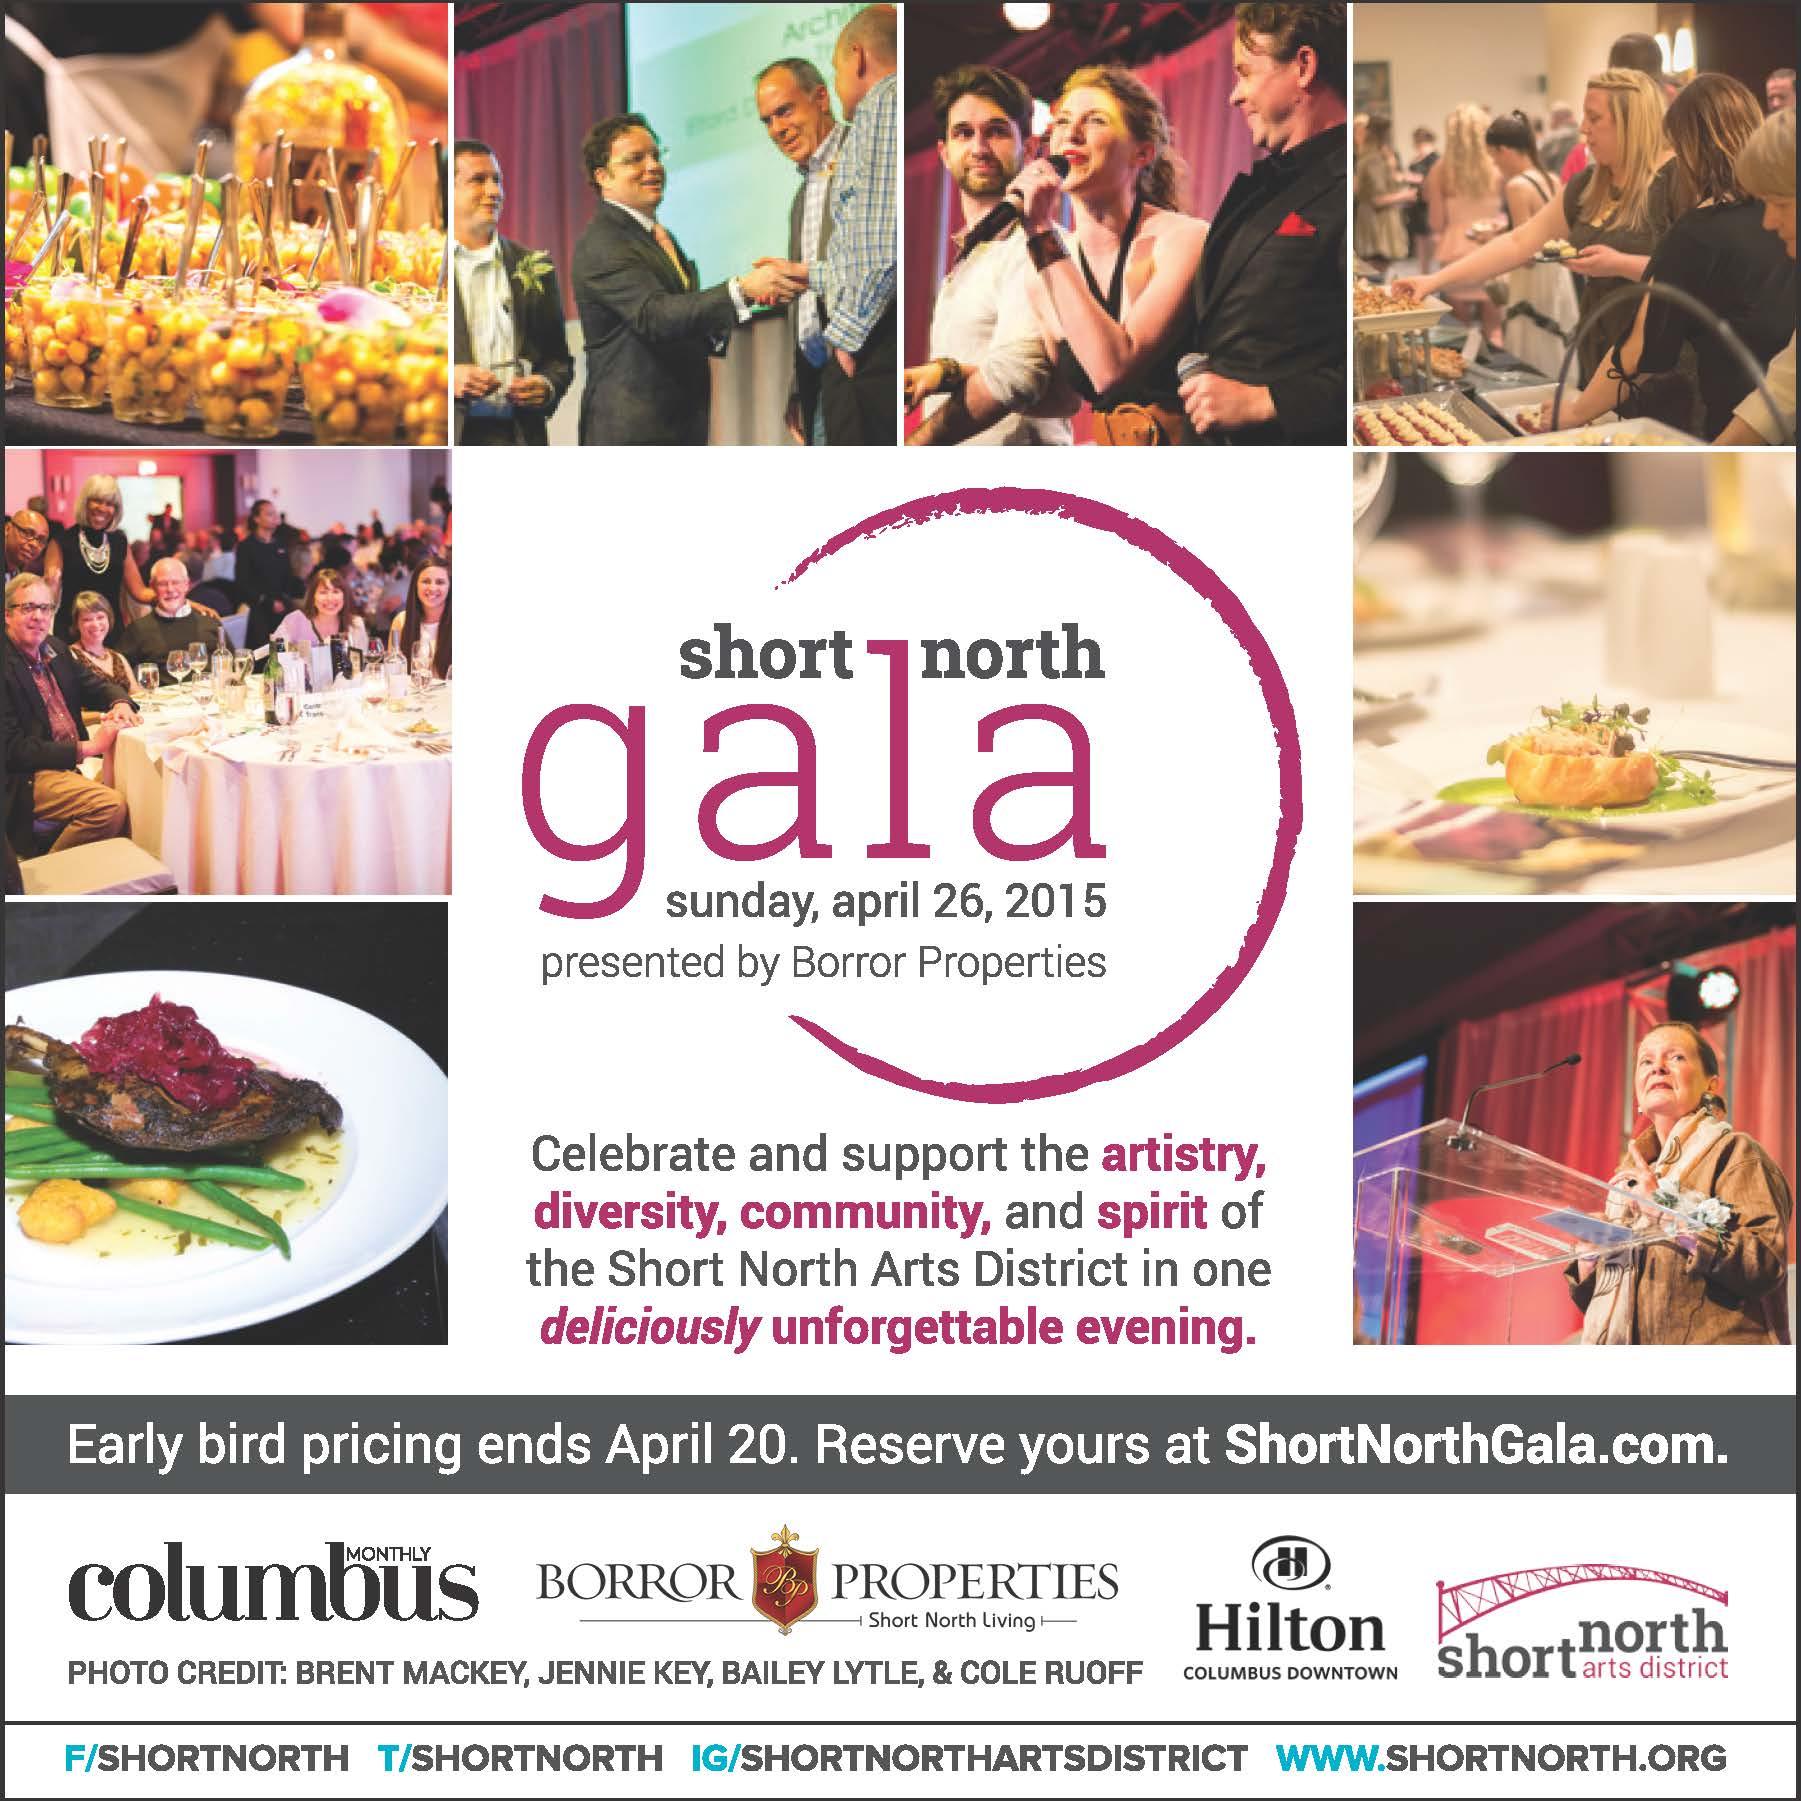 Short North Alliance - Short North Gala - Quarter Page - April 2015 - Alive.jpg